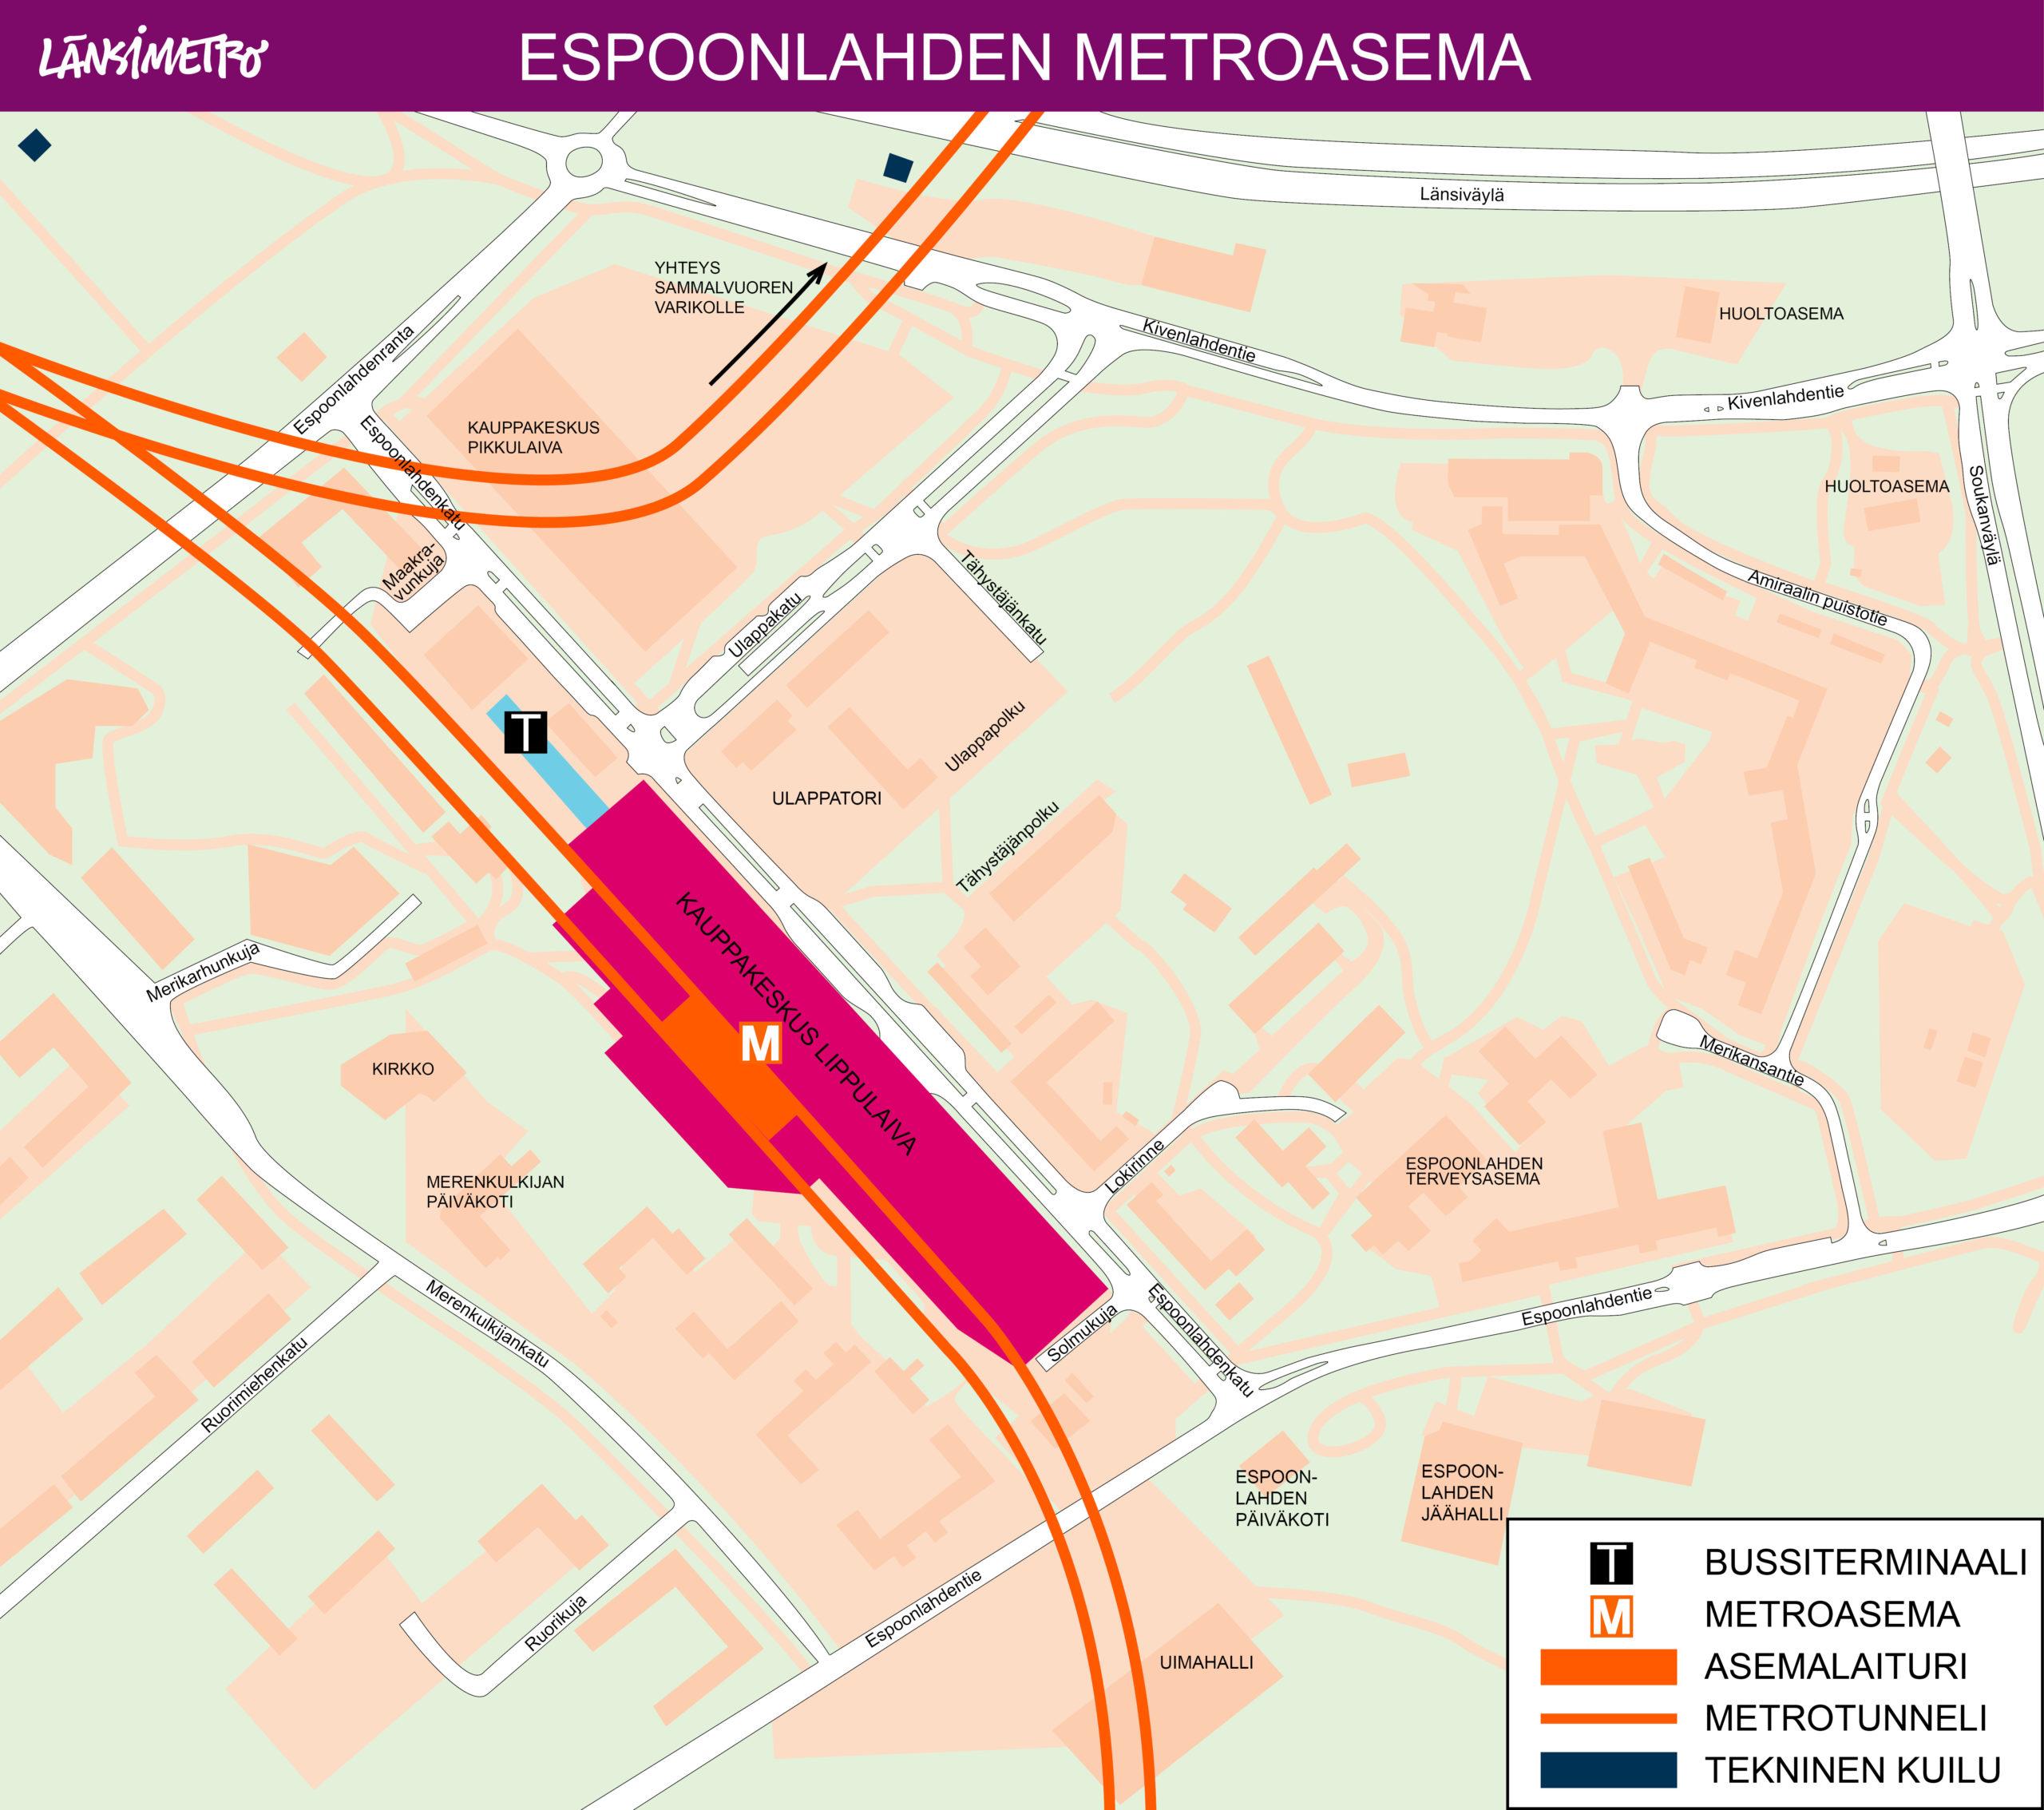 Espoonlahden metroasema on kauppakeskus Lippulaivan yhteydessä Espoonlahdenkadun varrella. Kauppakeskuksen yhteydessä on myös bussiterminaali. Sisäänkäynnit metroasemalle on Lippulaivan sisällä. Lisäksi asemalla on teknisiä kuilurakennuksia